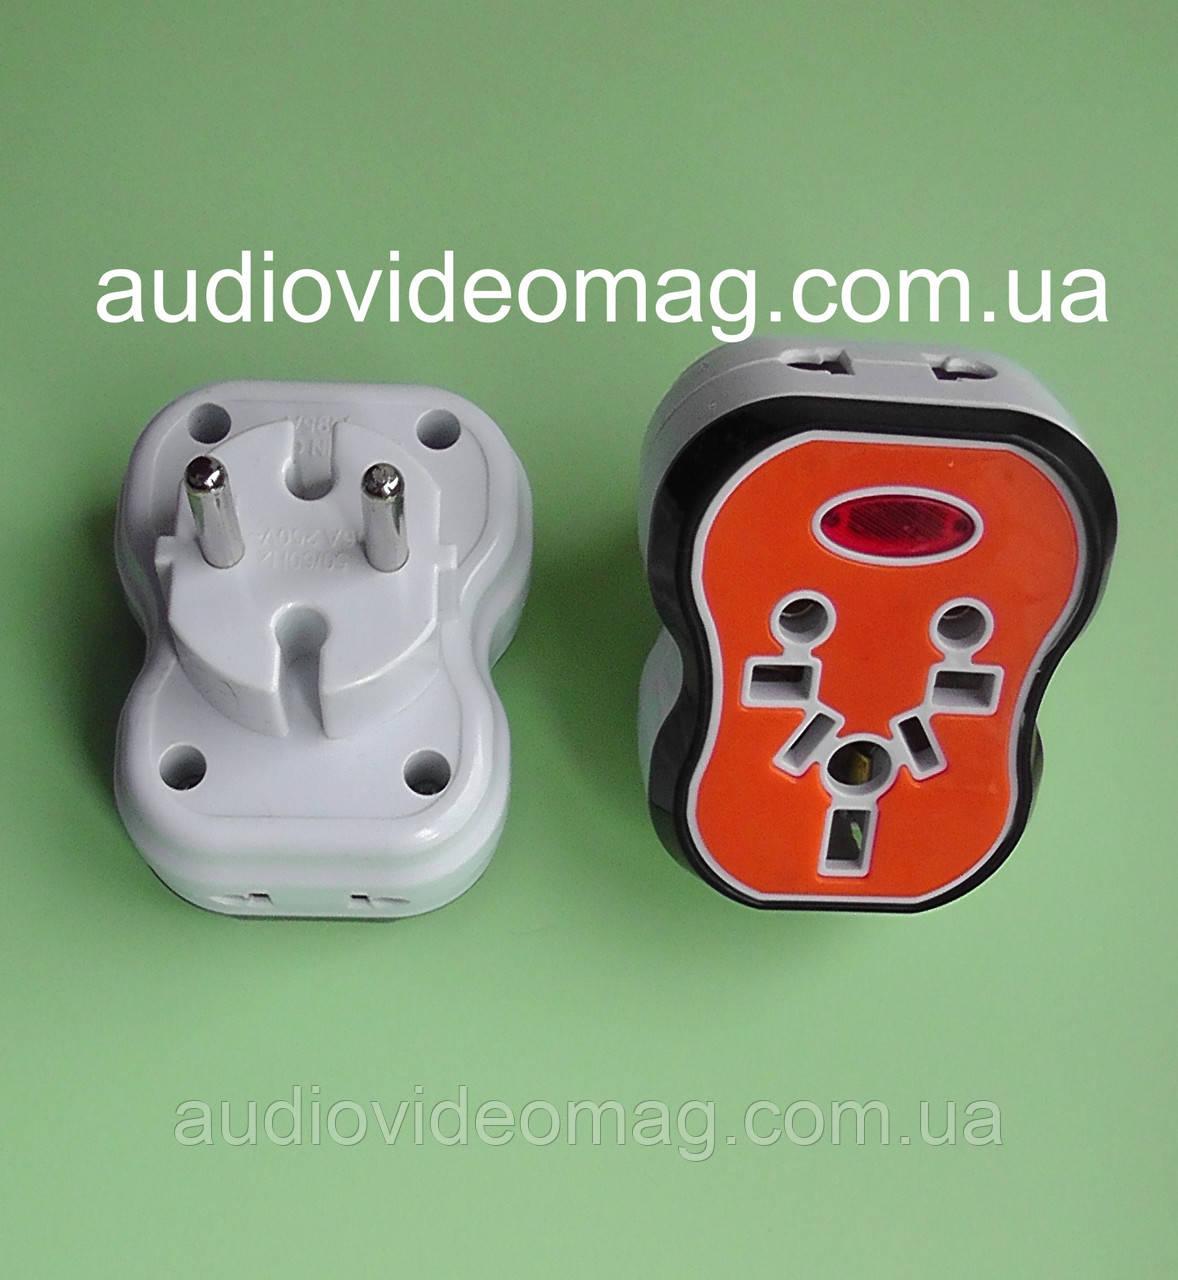 Переходник  универсальный для разных типов электровилок